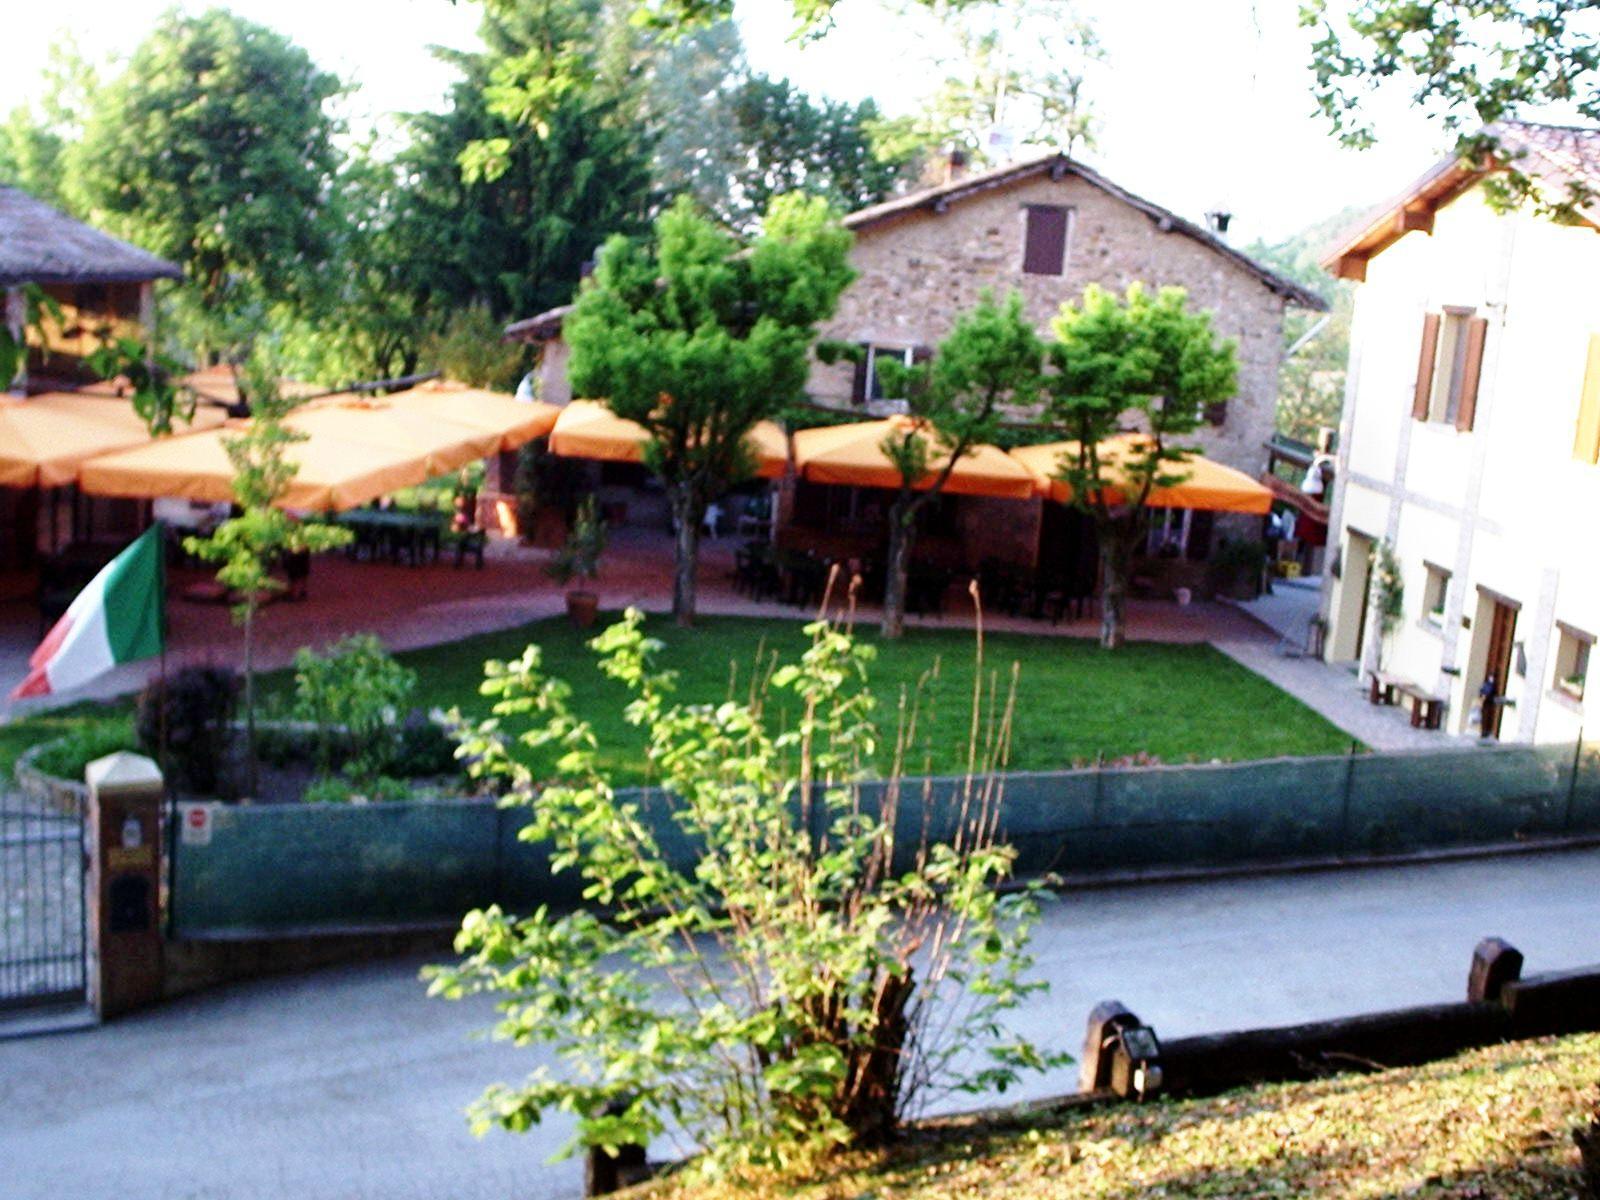 Most Popular Barbecue food in Castello di Serravalle, Valsamoggia, Province of Bologna